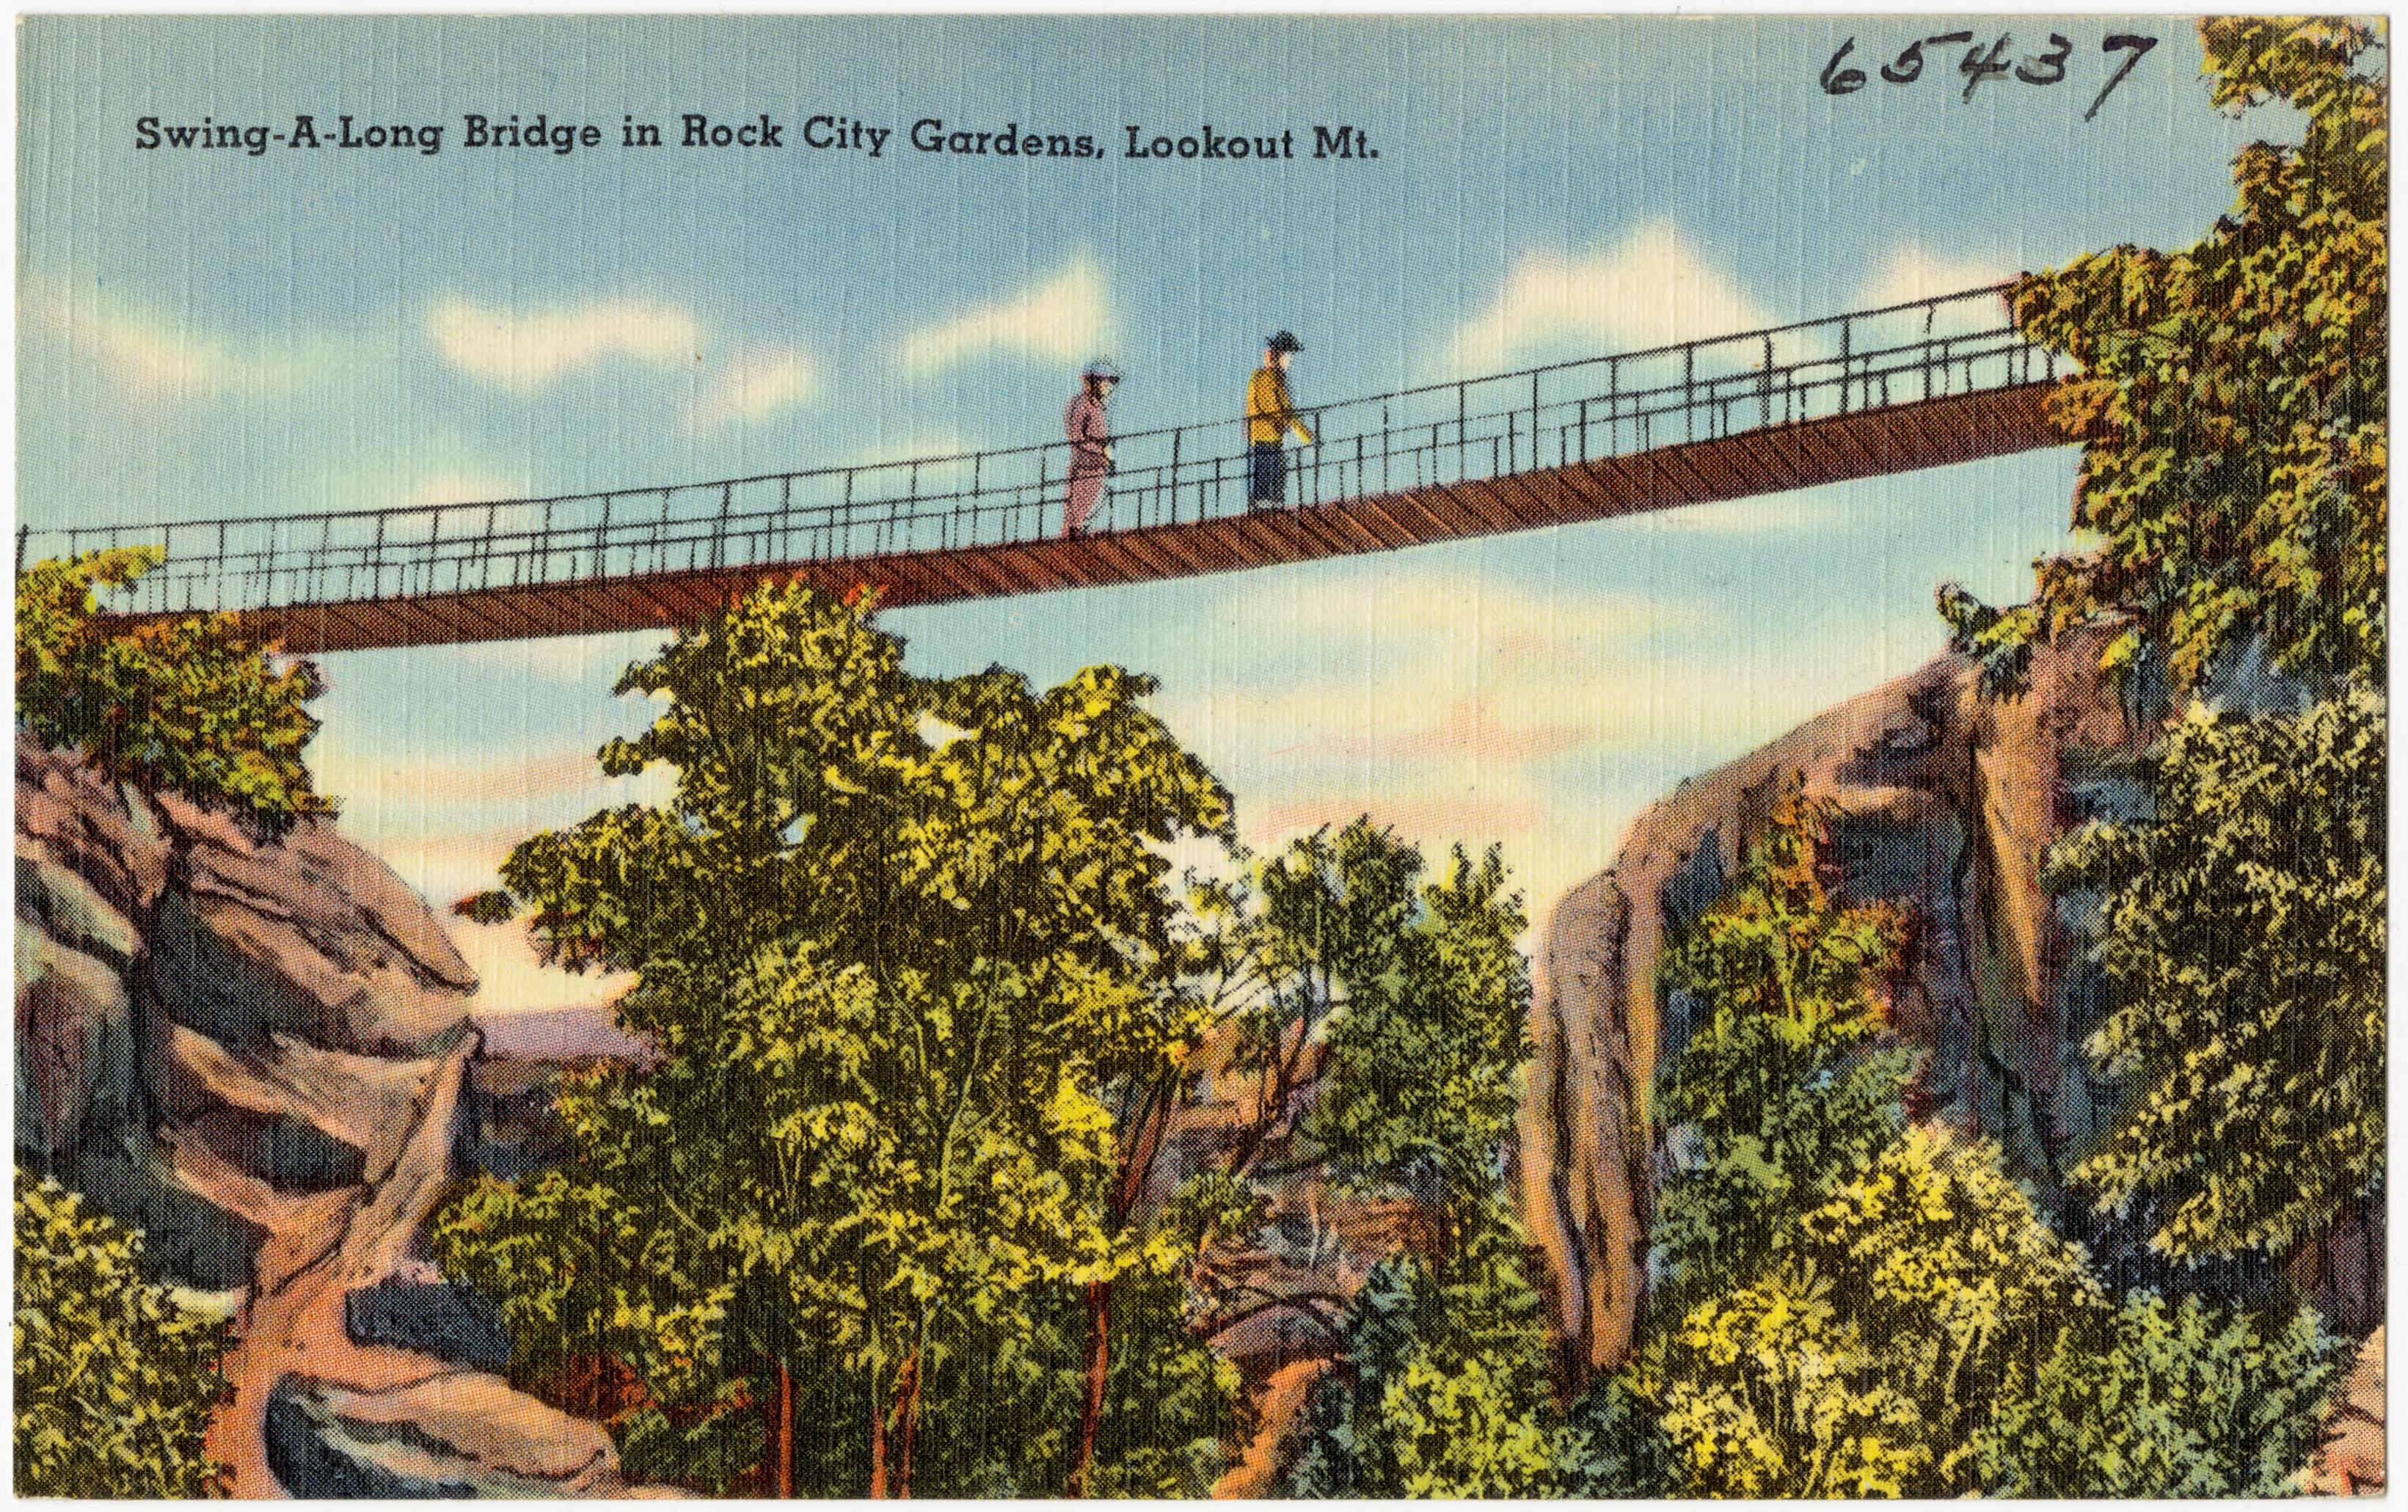 File:Swing-A-Long Bridge in Rock City Gardens, Lookout Mt (65437 ...